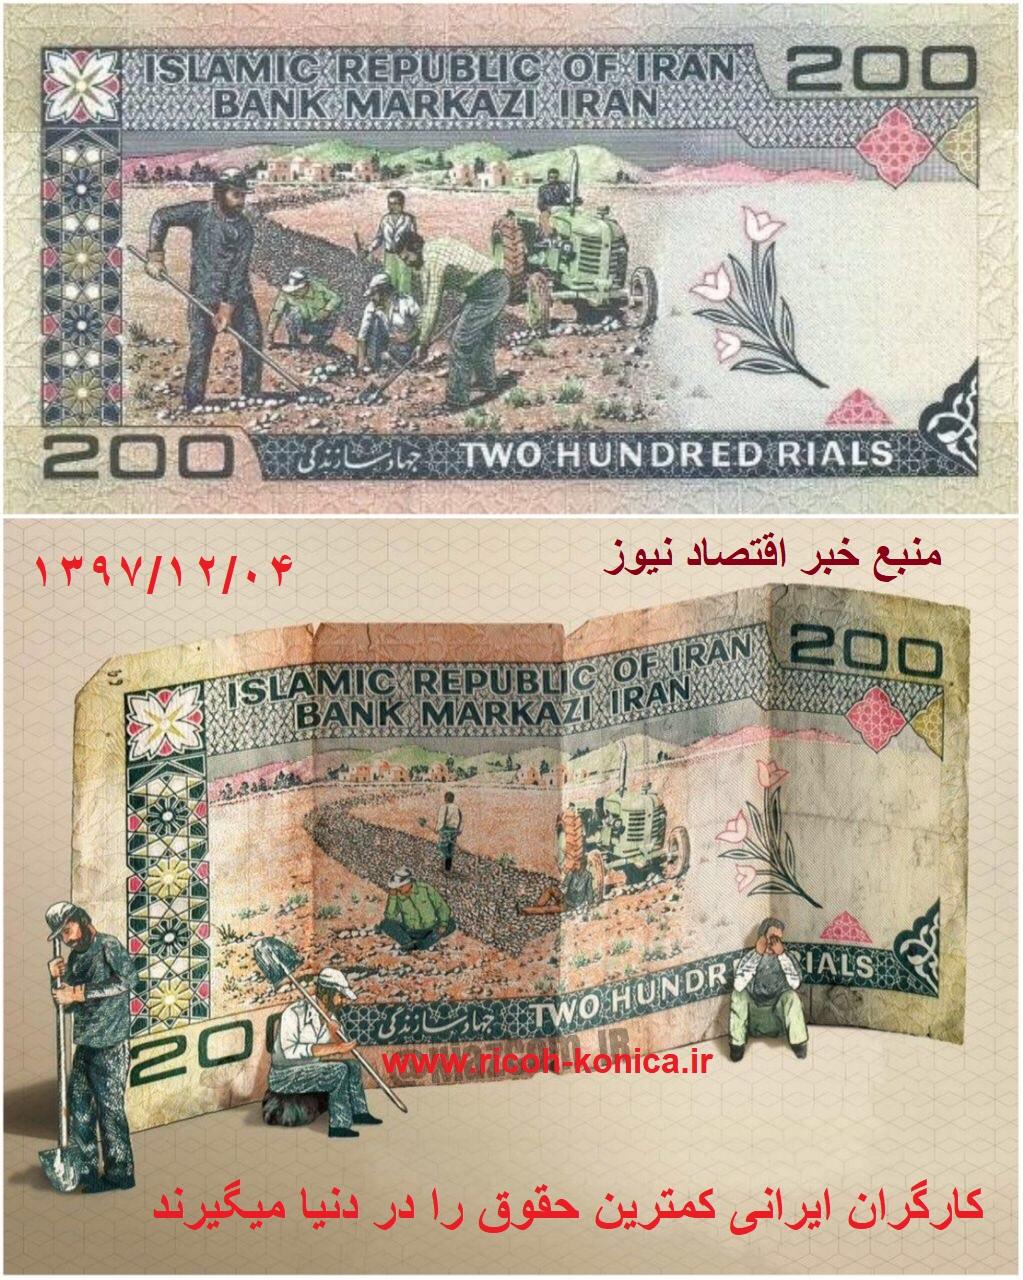 کارگران ایرانی کمترین حقوق را در دنیا میگیرند ماشینهای اداری صدیق اخبار اقتصادی